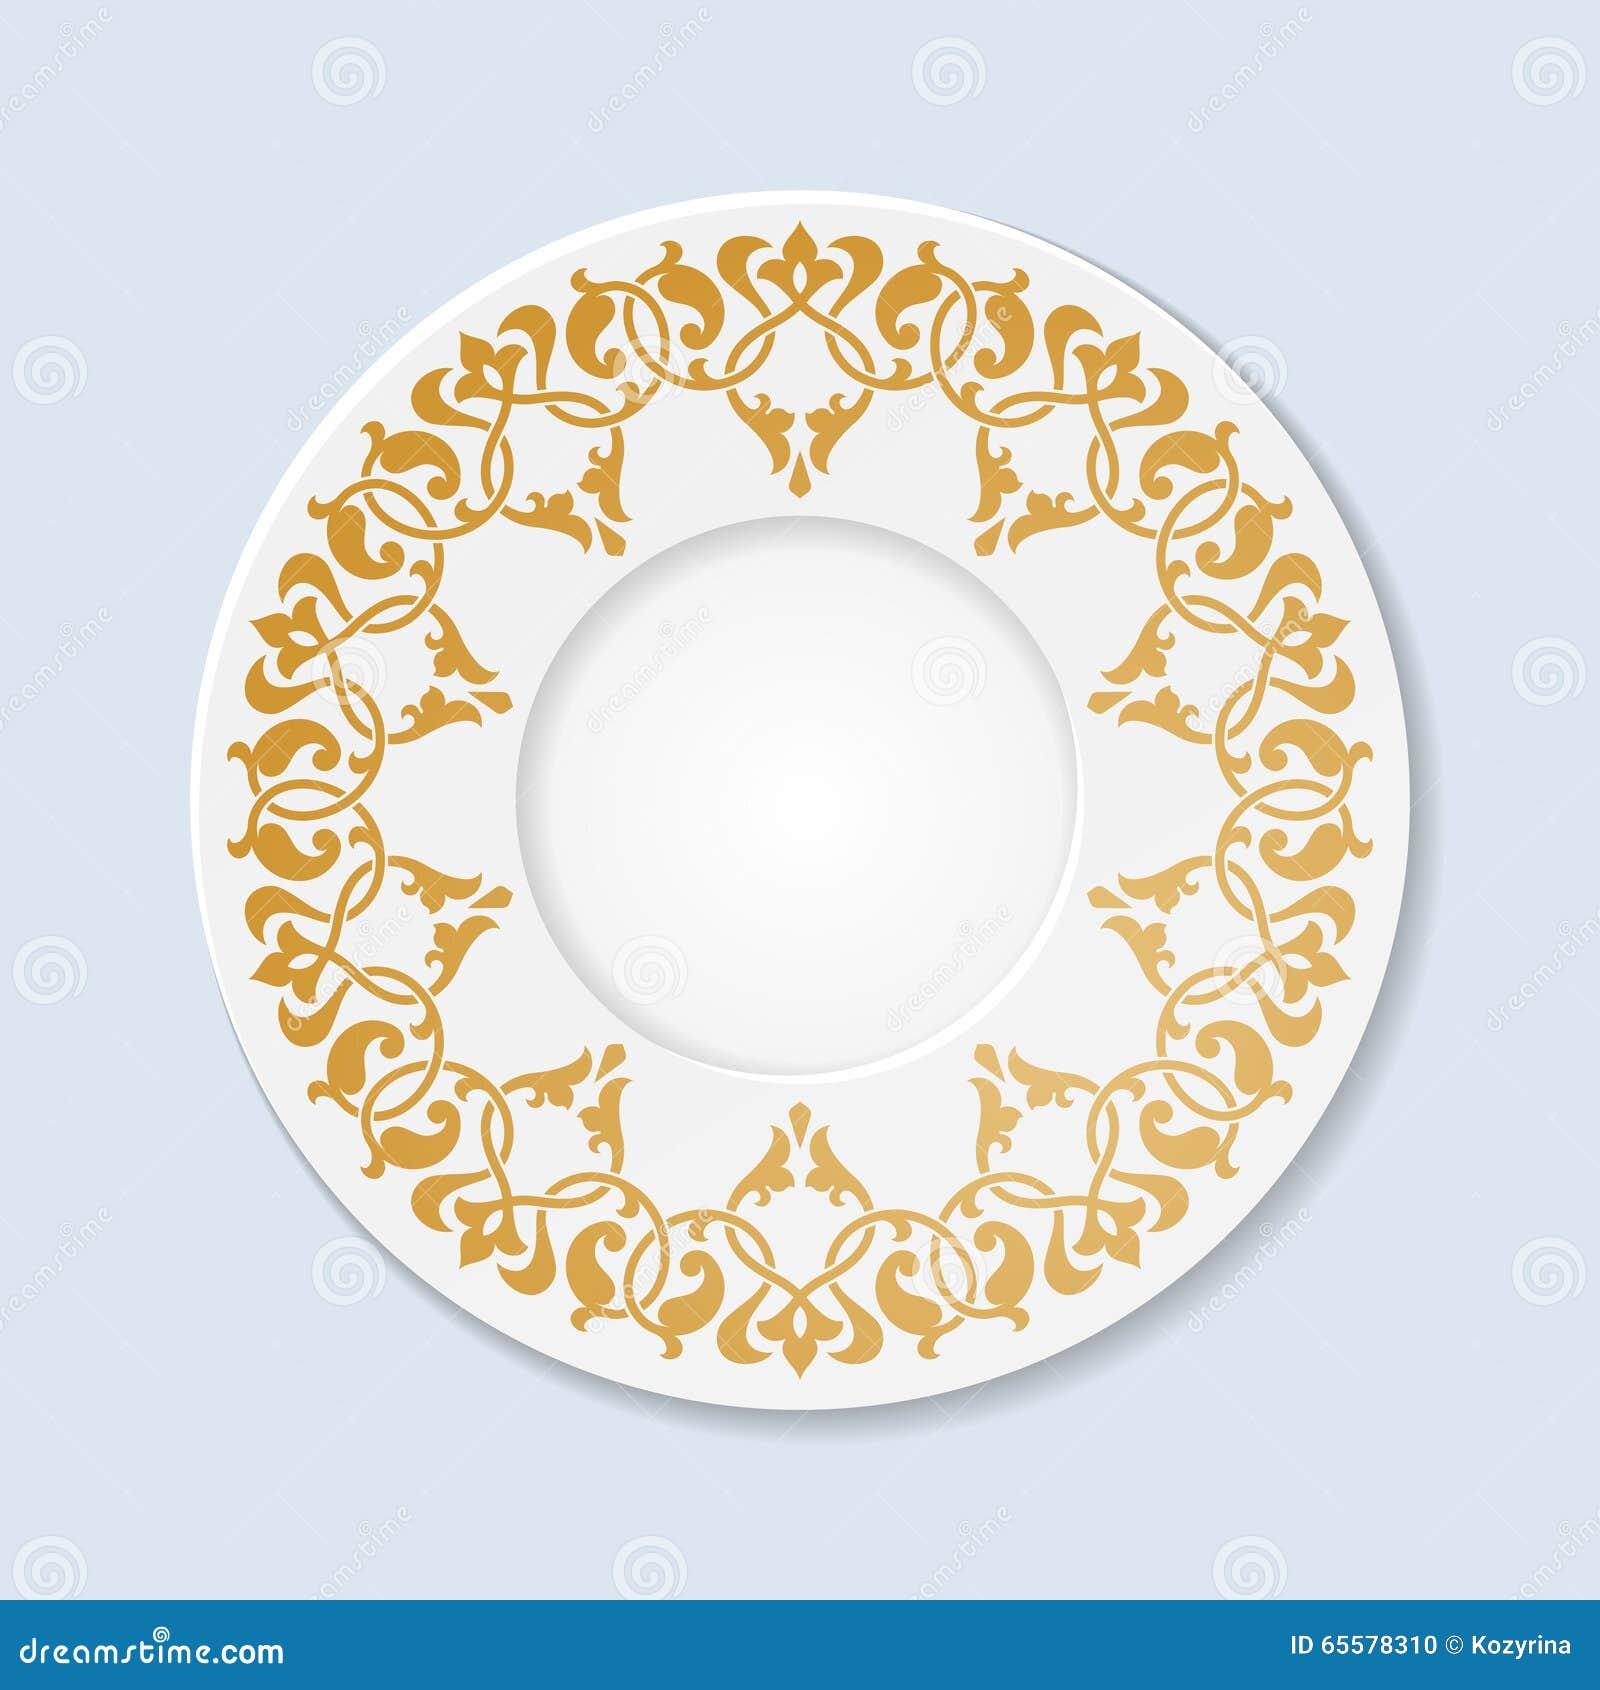 Placa decorativa com ornamento floral